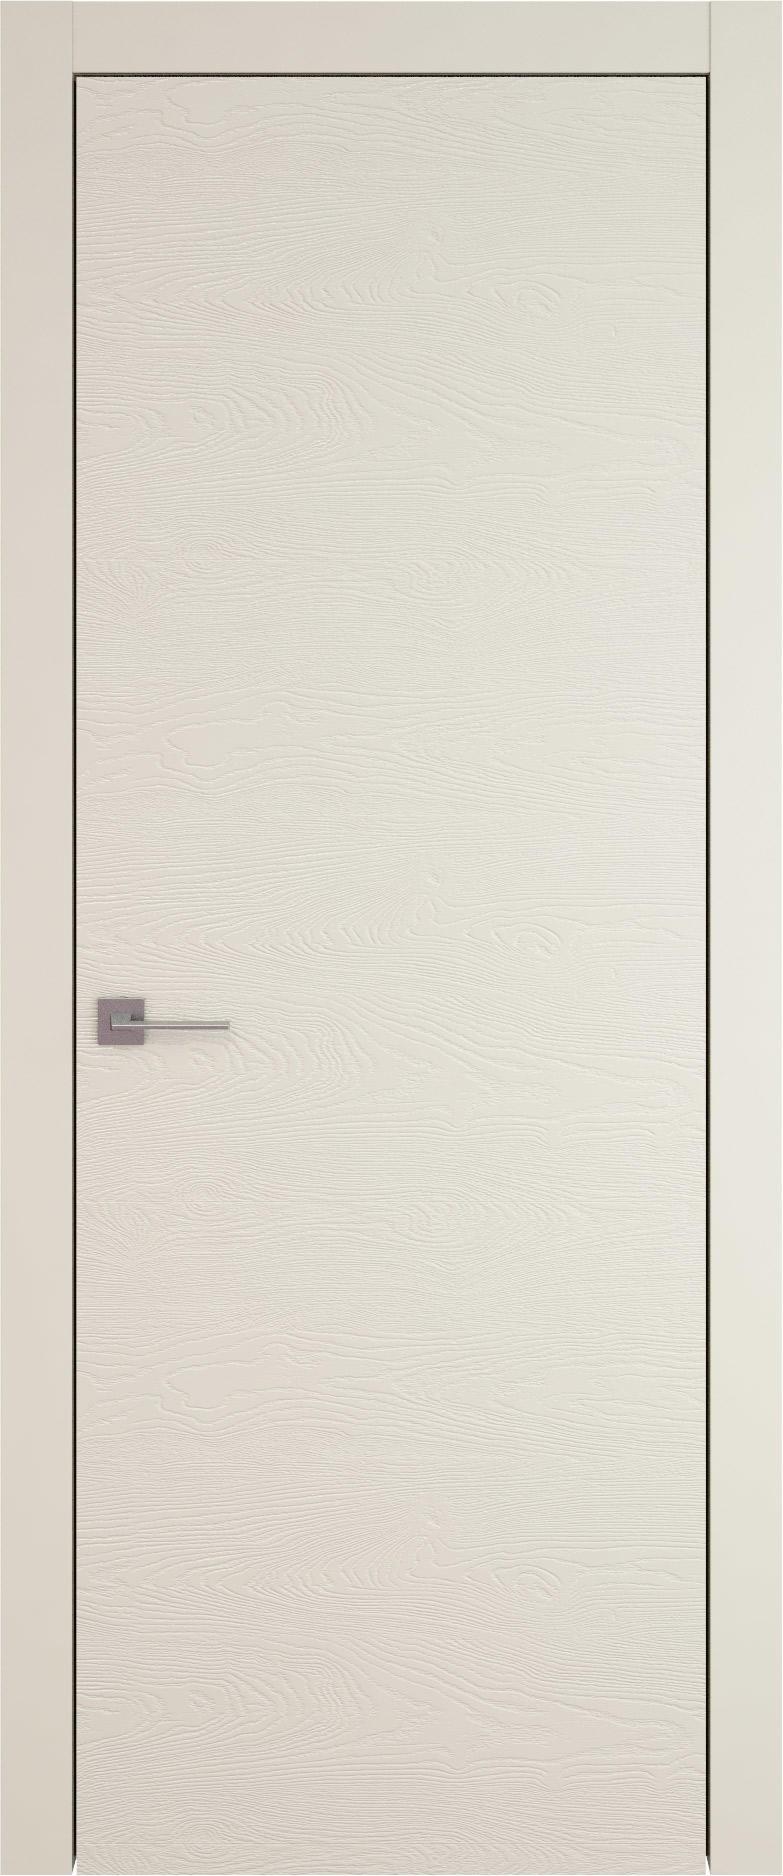 Tivoli А-5 цвет - Жемчужная эмаль по шпону (RAL 1013) Без стекла (ДГ)